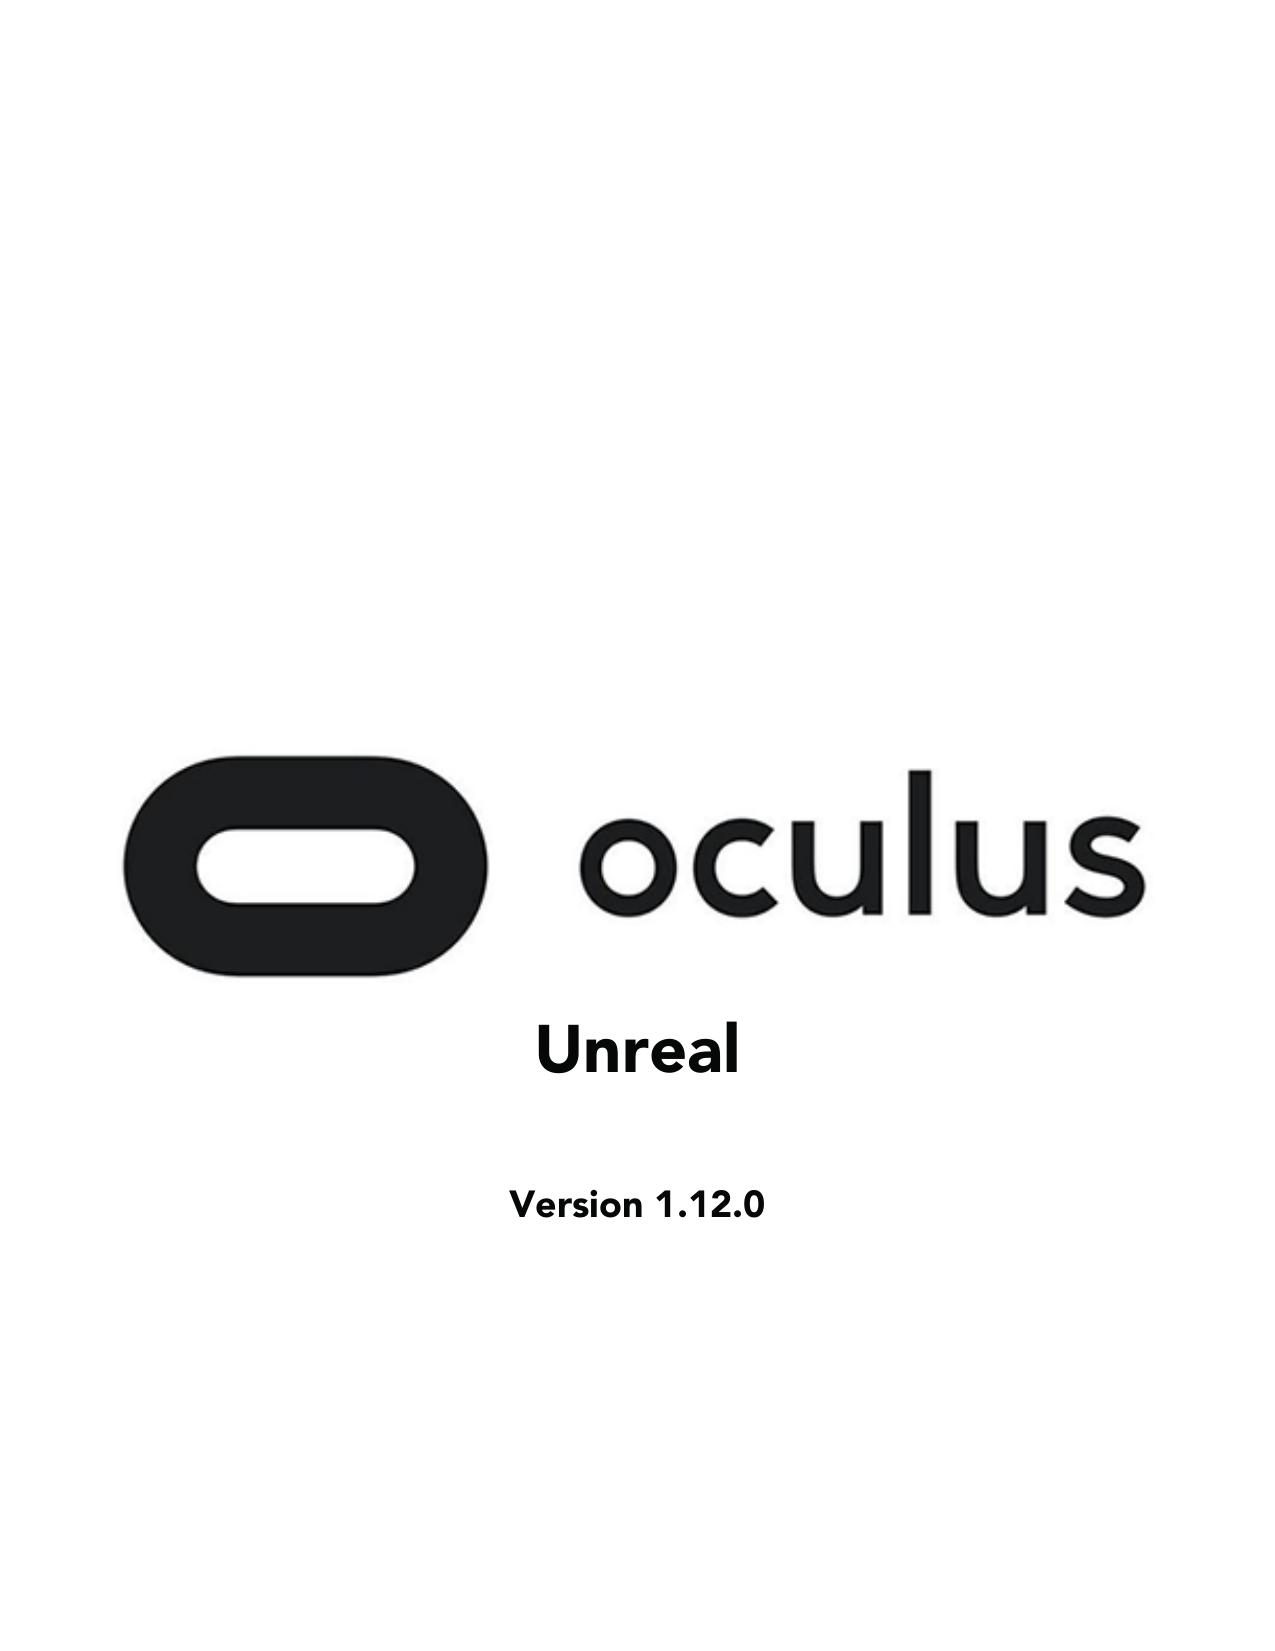 Unreal - Oculus | manualzz com